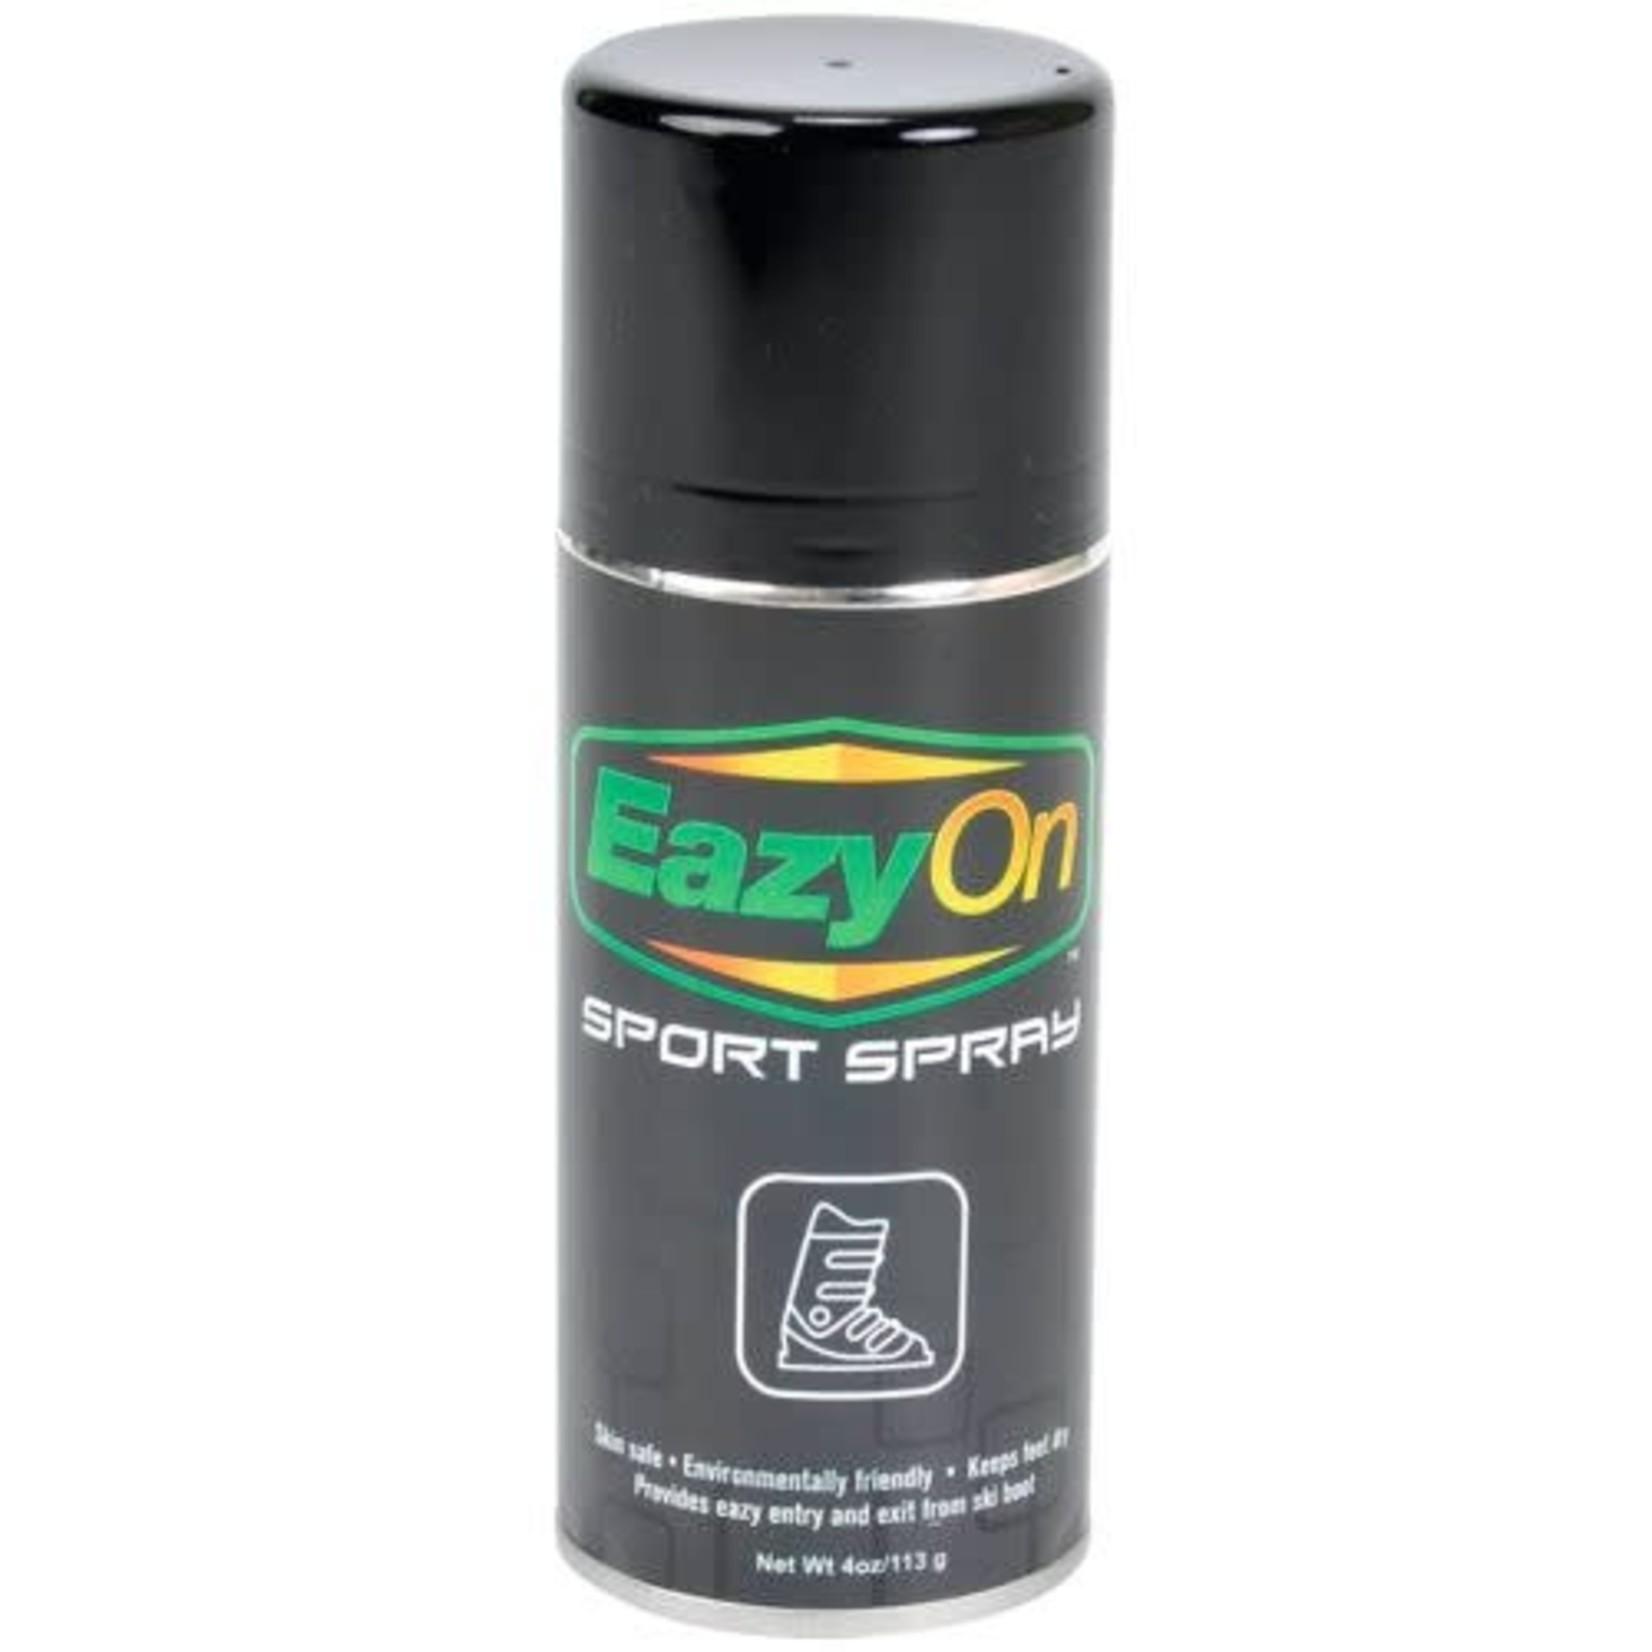 Eazy On Eazy On Sport Spray